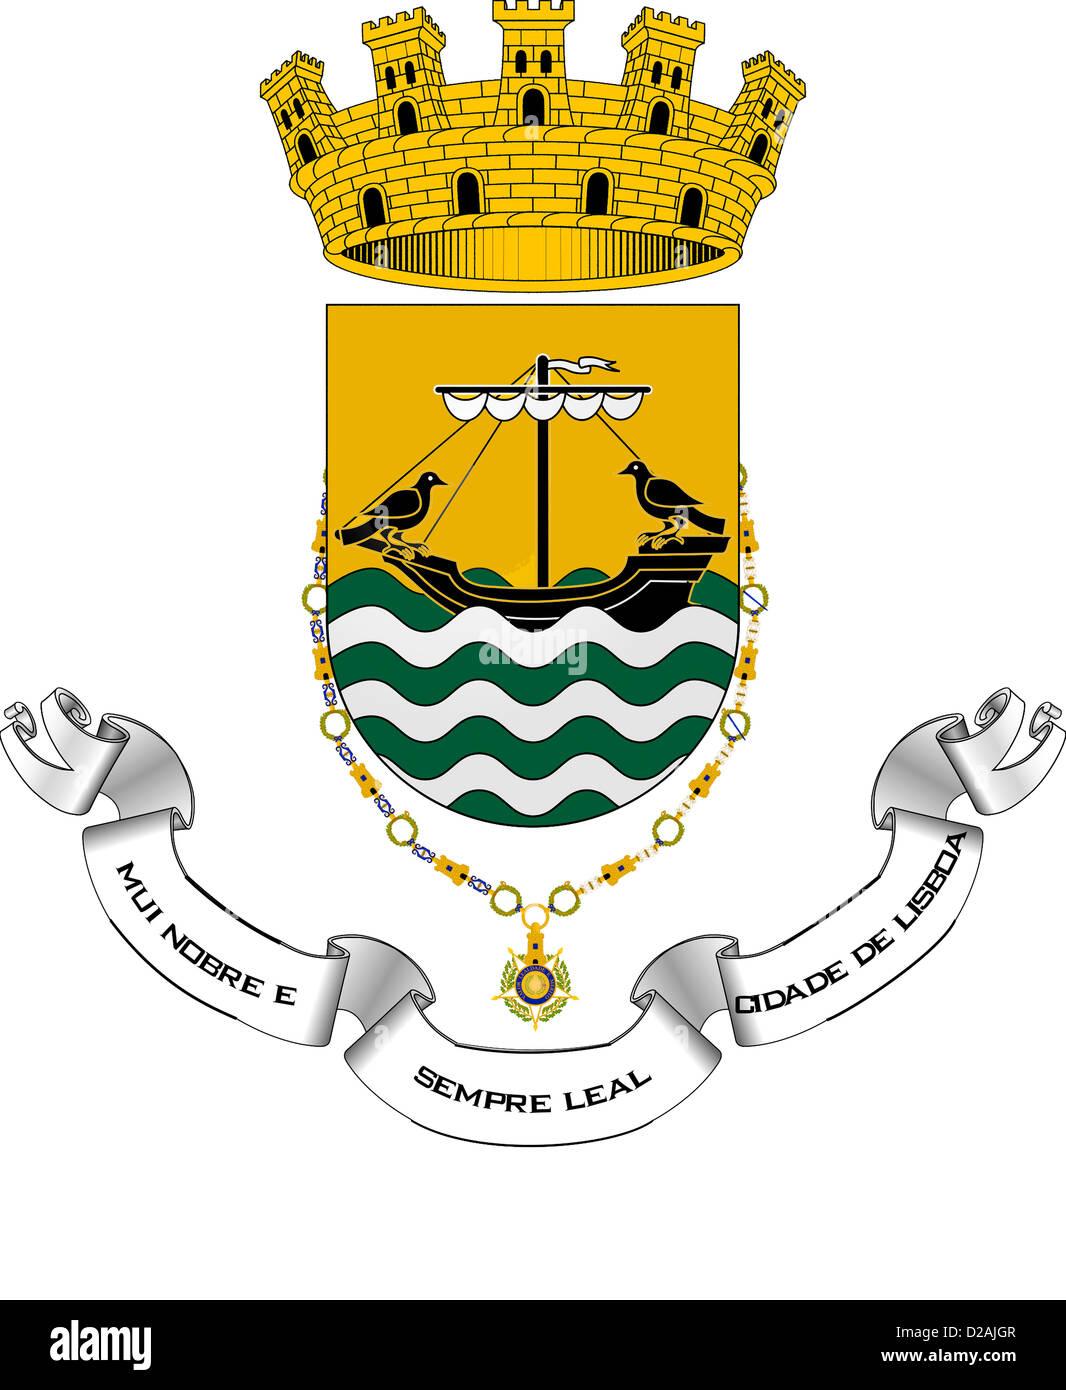 Wappen der portugiesischen Hauptstadt Lissabon. Stockfoto